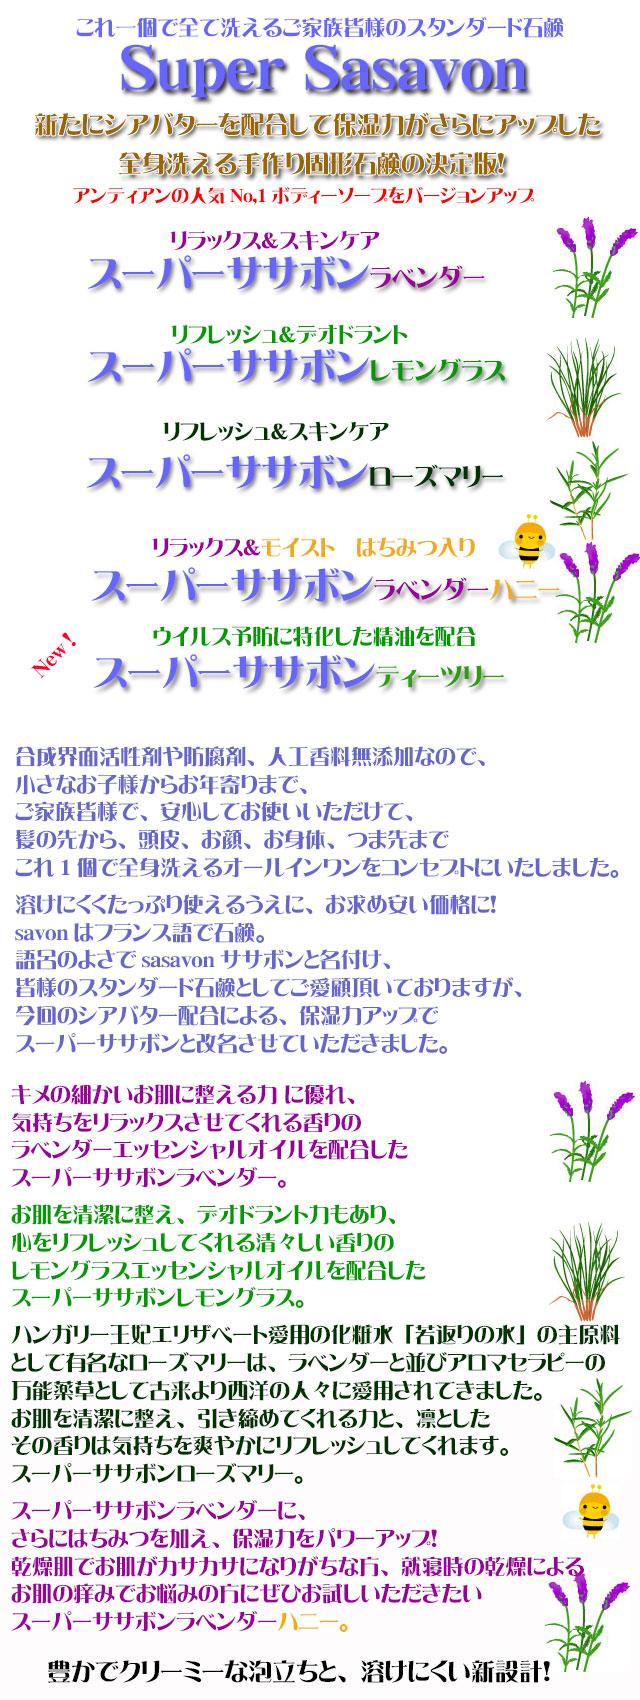 手作り石鹸の人気No,1ボディーソープスーパーササボンカテゴリーtop